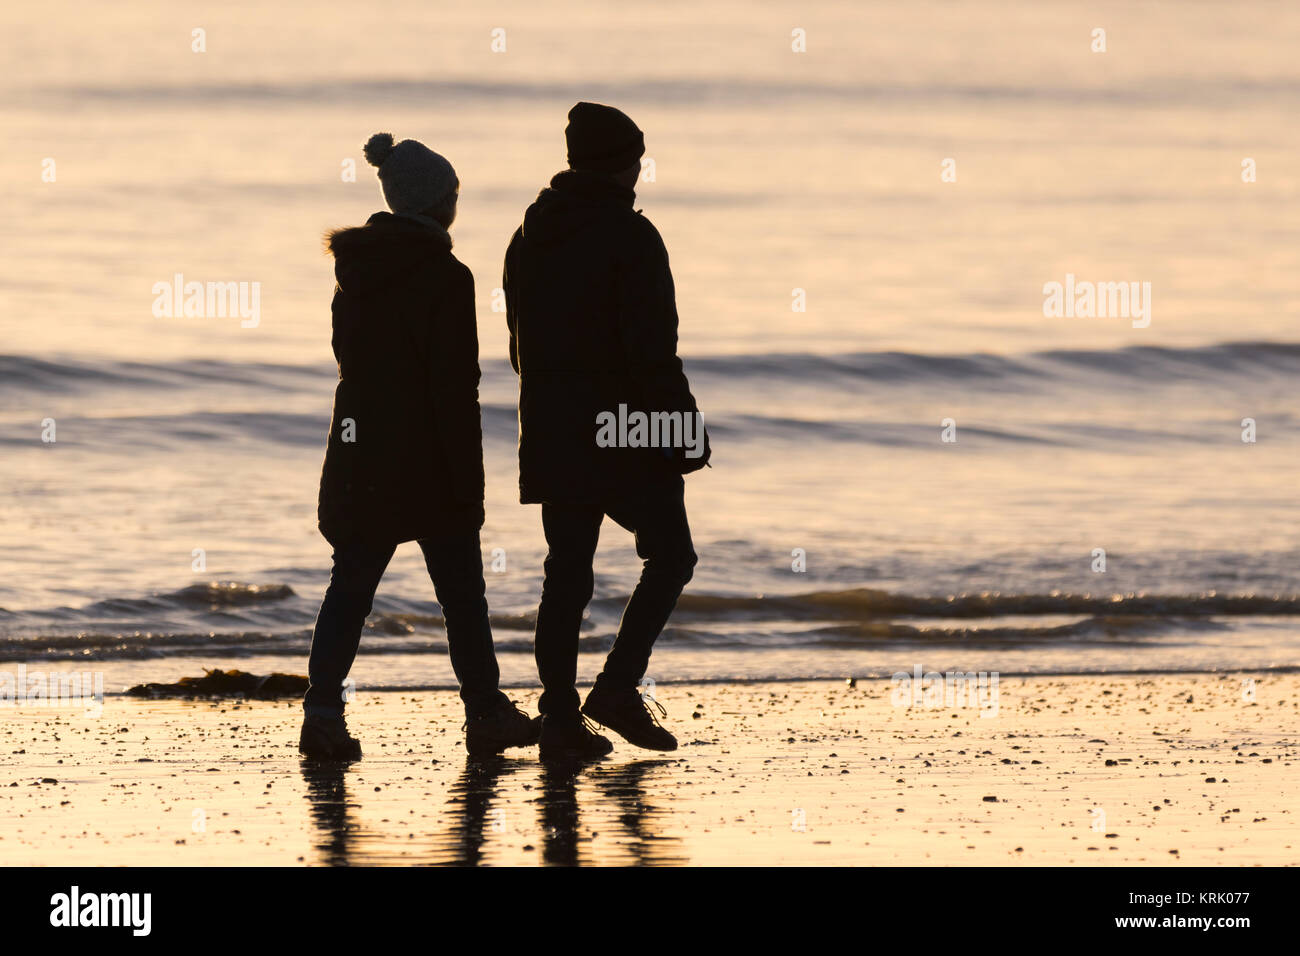 Silhouette di un paio di fare una passeggiata in riva al mare nella luce della sera. Immagini Stock